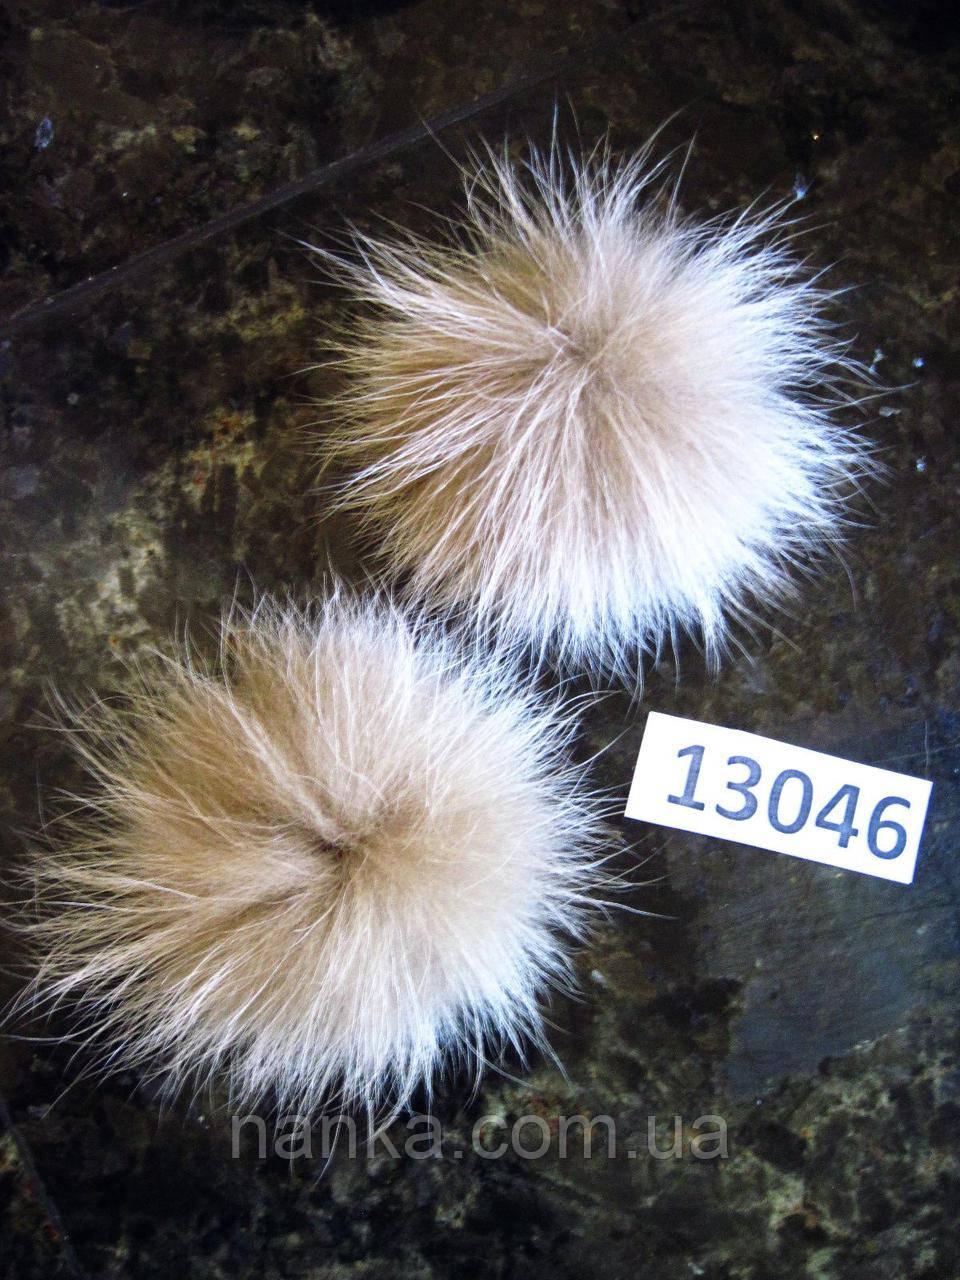 Меховой помпон Енот, Бежевый, 10 см, пара 13046